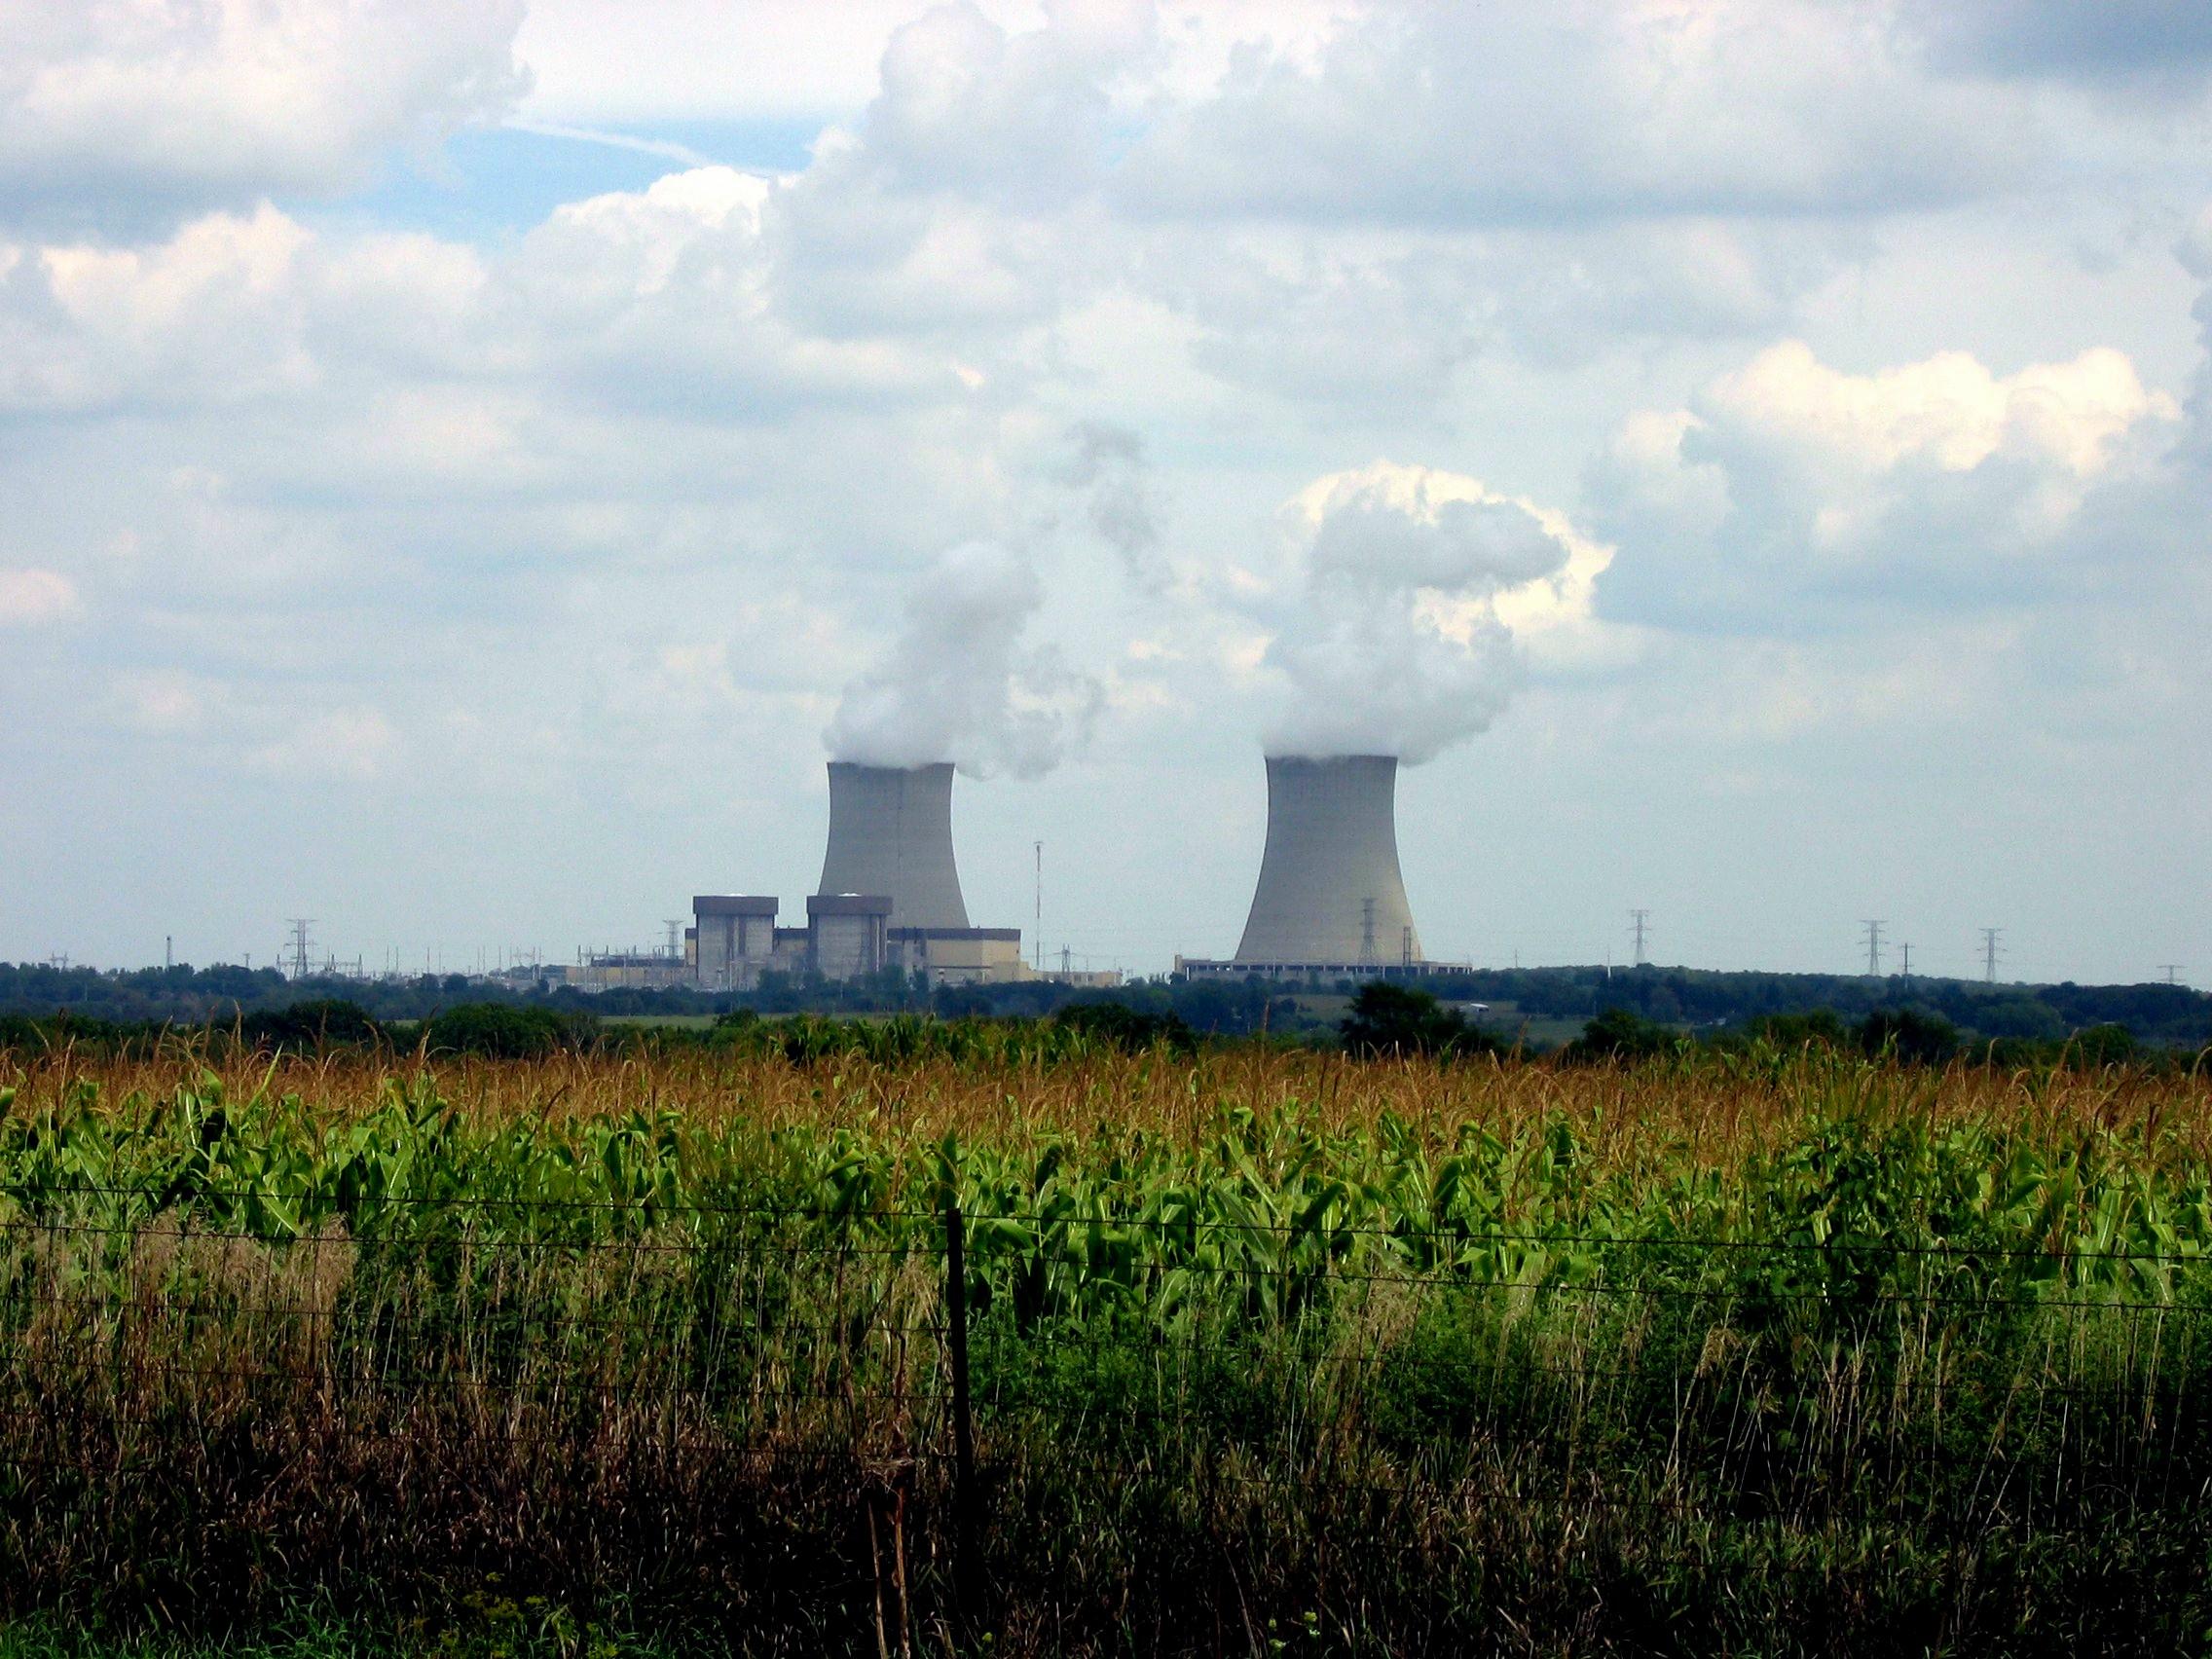 Exelon nuclear plants